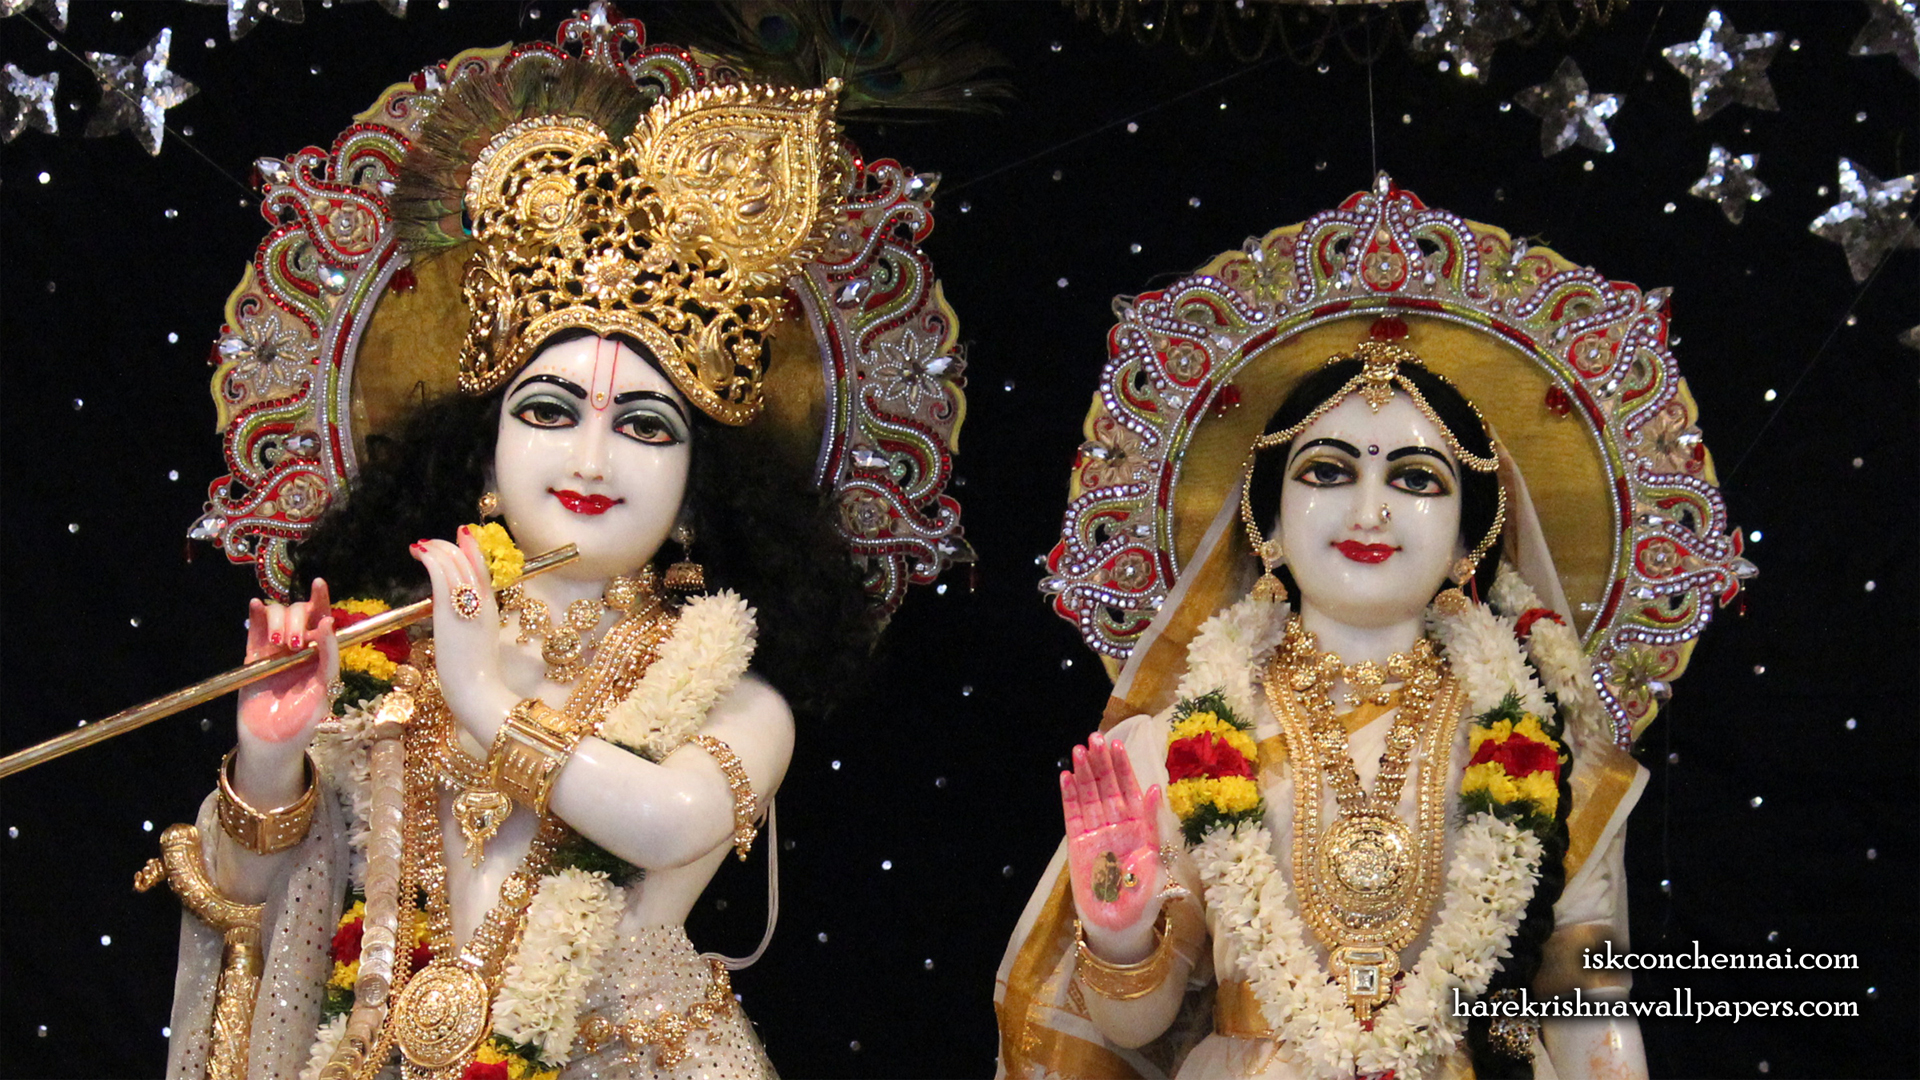 Sri Sri Radha Krishna Close up Wallpaper (010) Size 1920x1080 Download